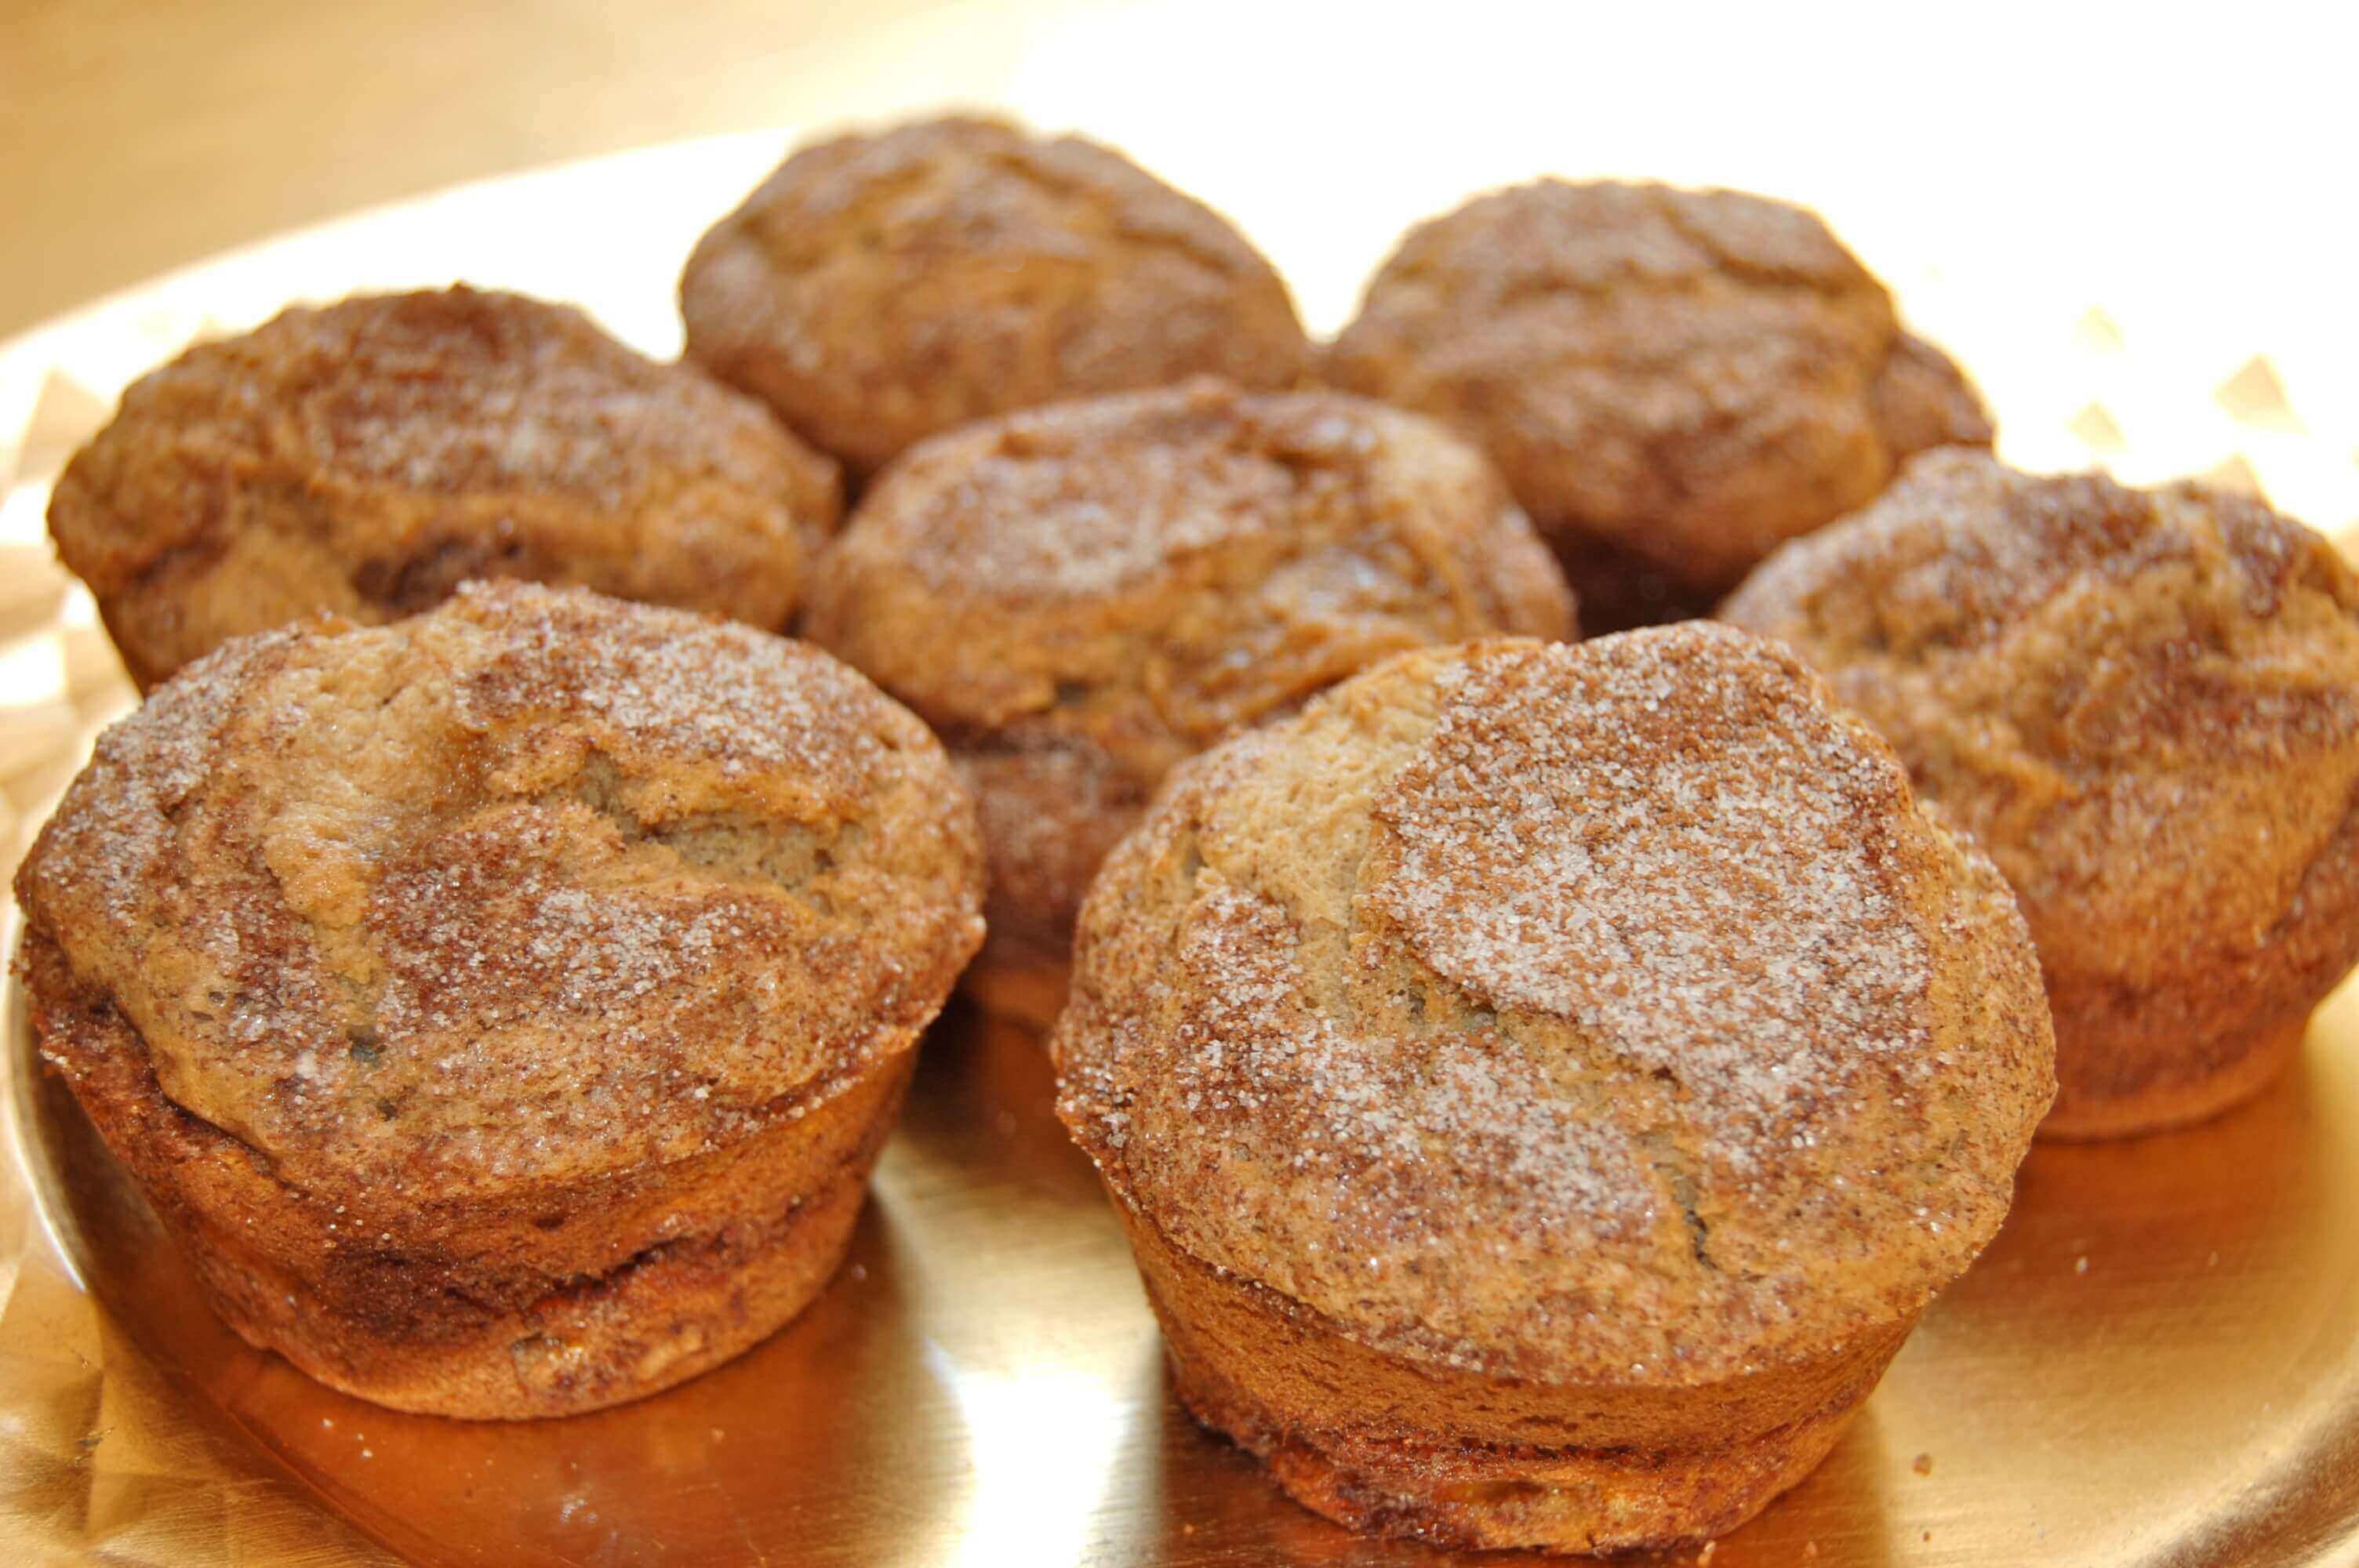 Gluten-free Cinnamon Swirl Banana Muffins